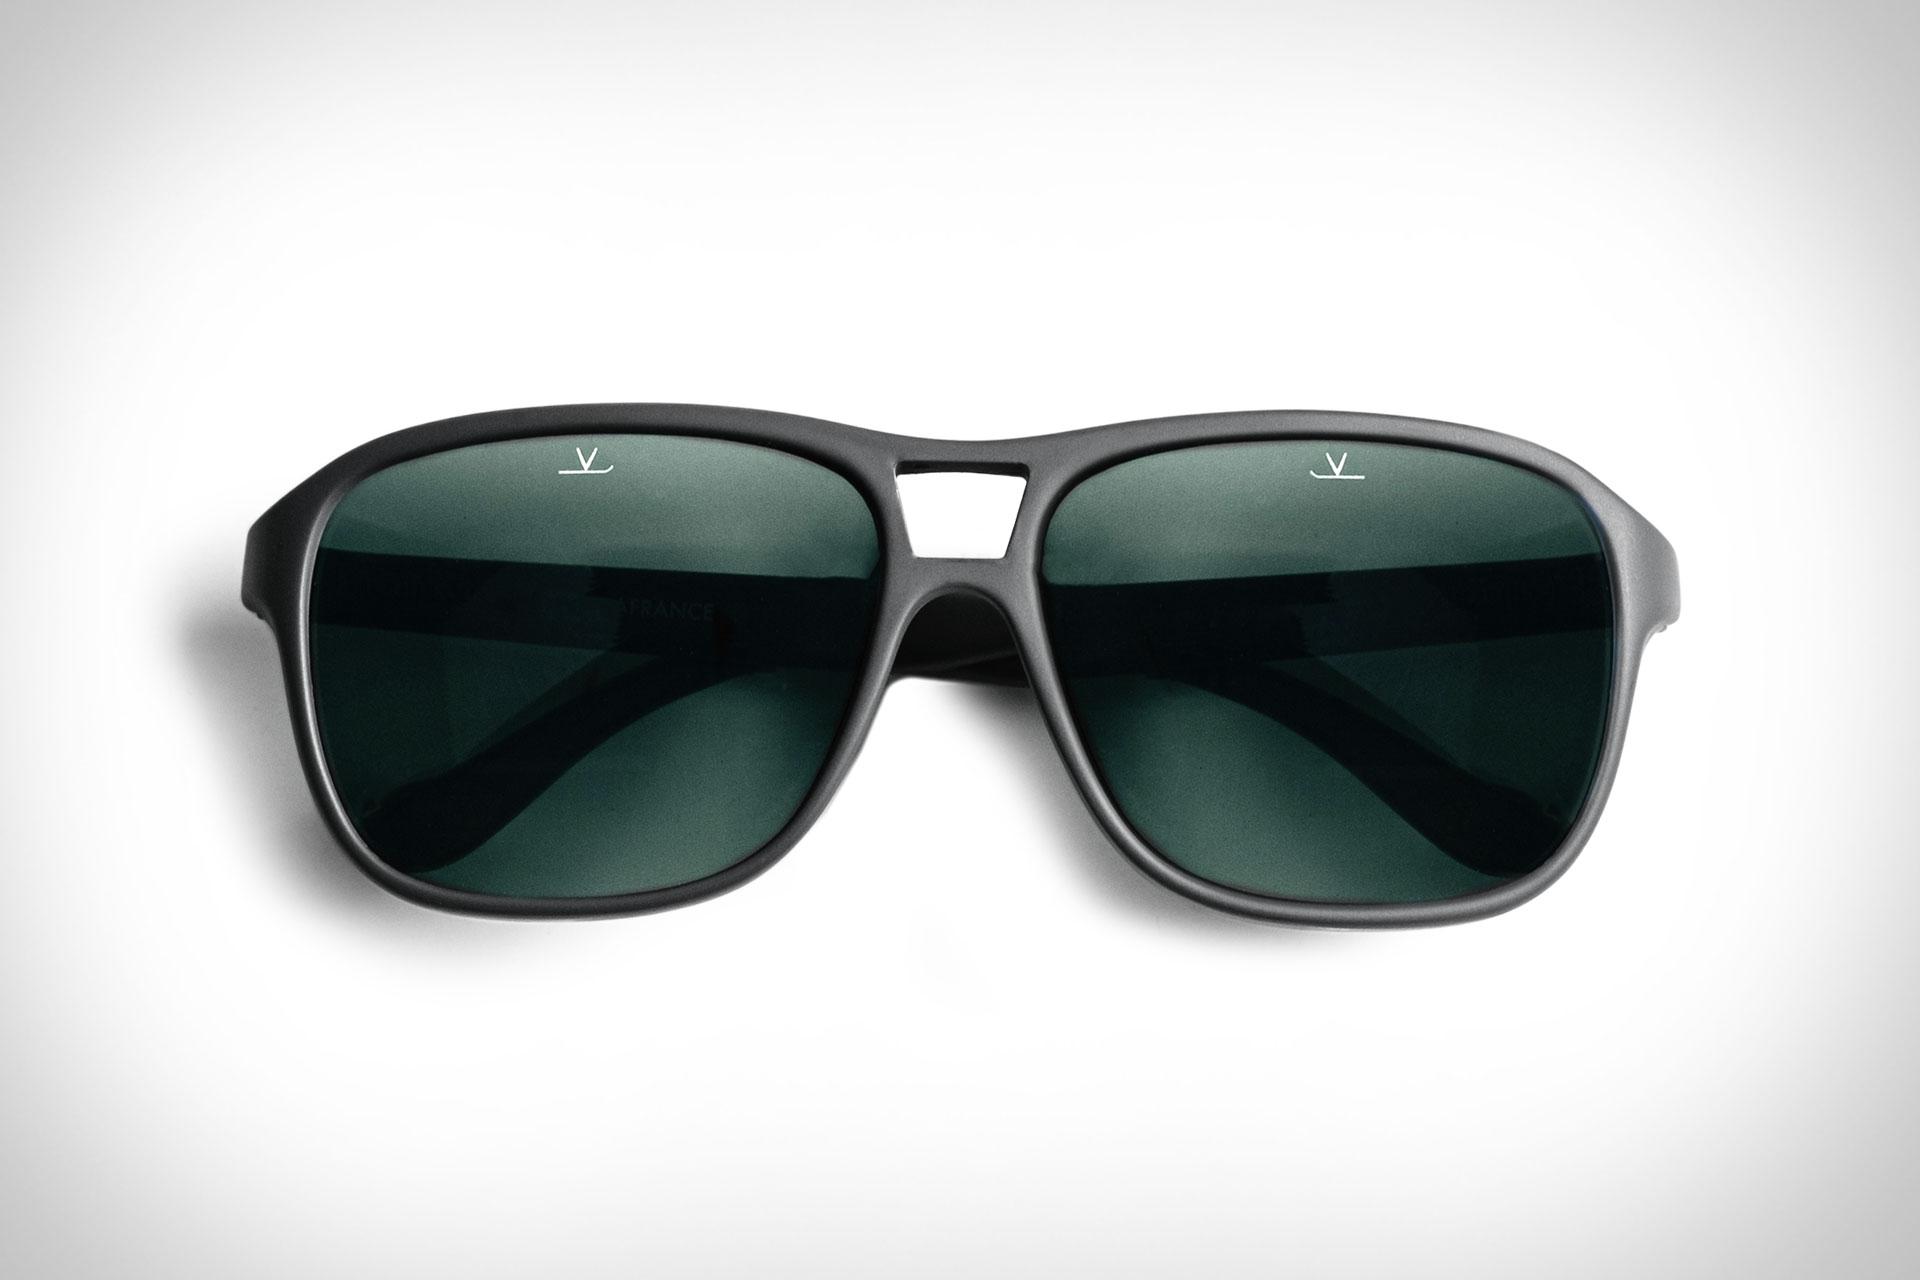 a07c98f1d0 Vuarnet The Dude Sunglasses